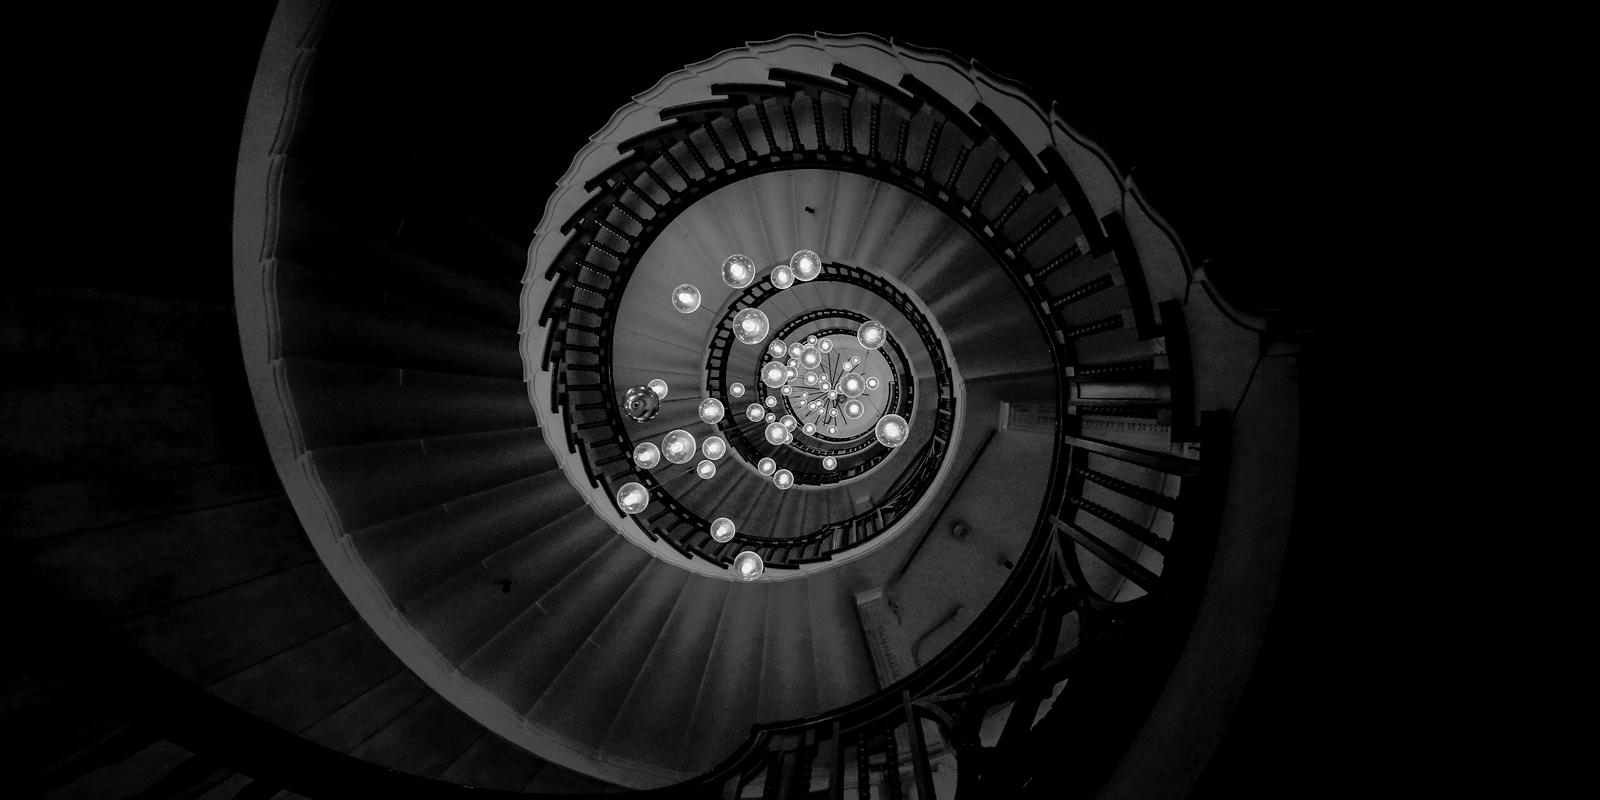 spiral staircase. department st - salz | ello